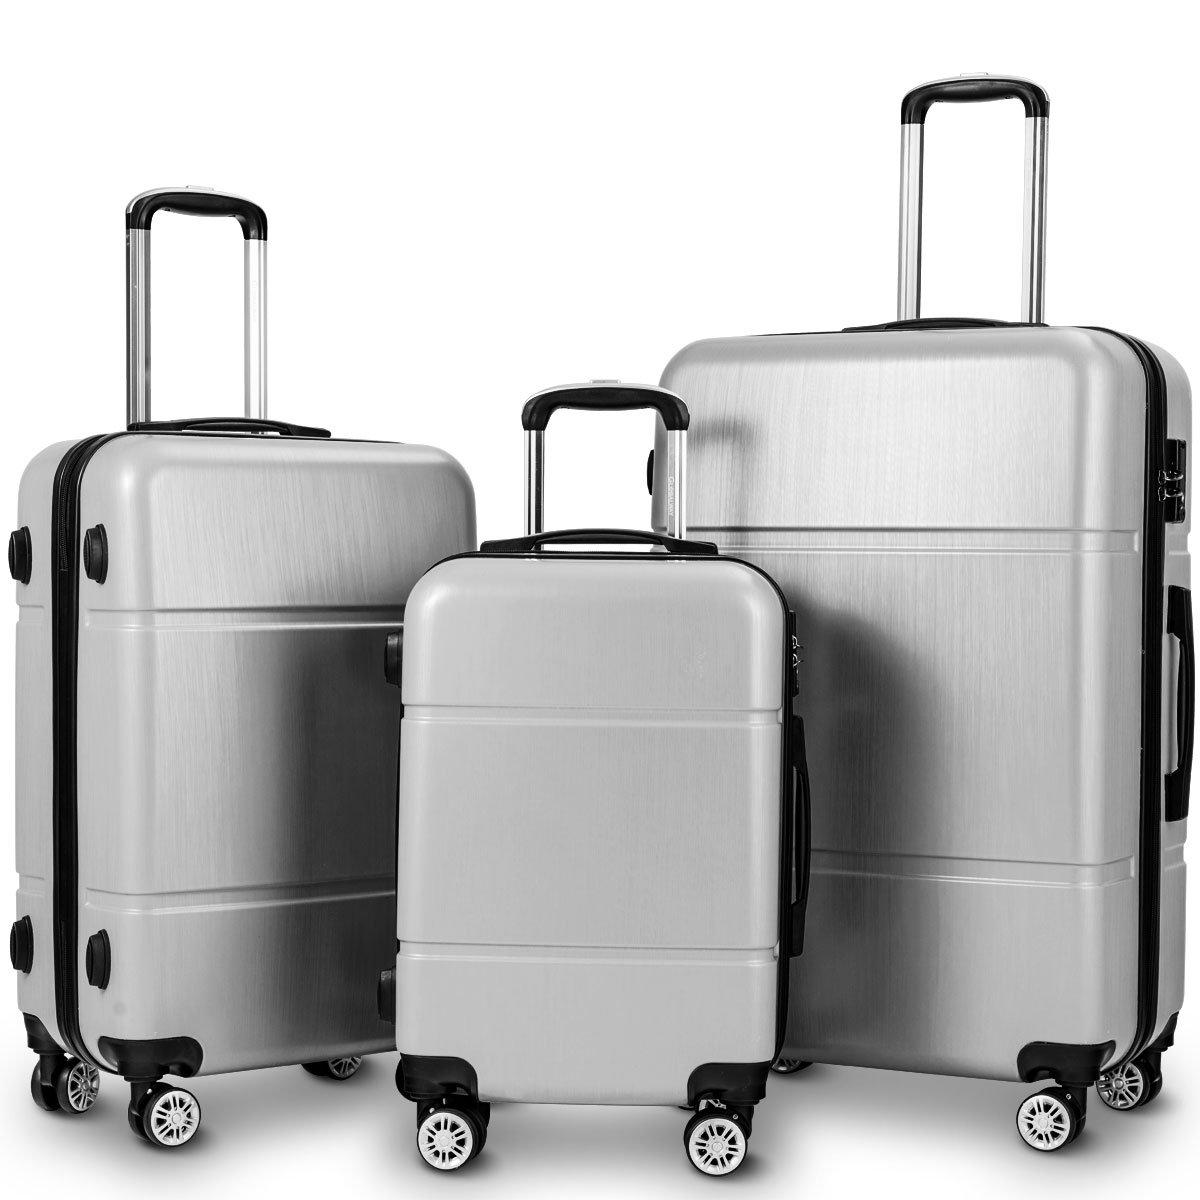 Goplus Luggage 3PC Set Lightweight Hardshell Travel Trolley Expandable Suitcase w/TSA Lock (Grey)